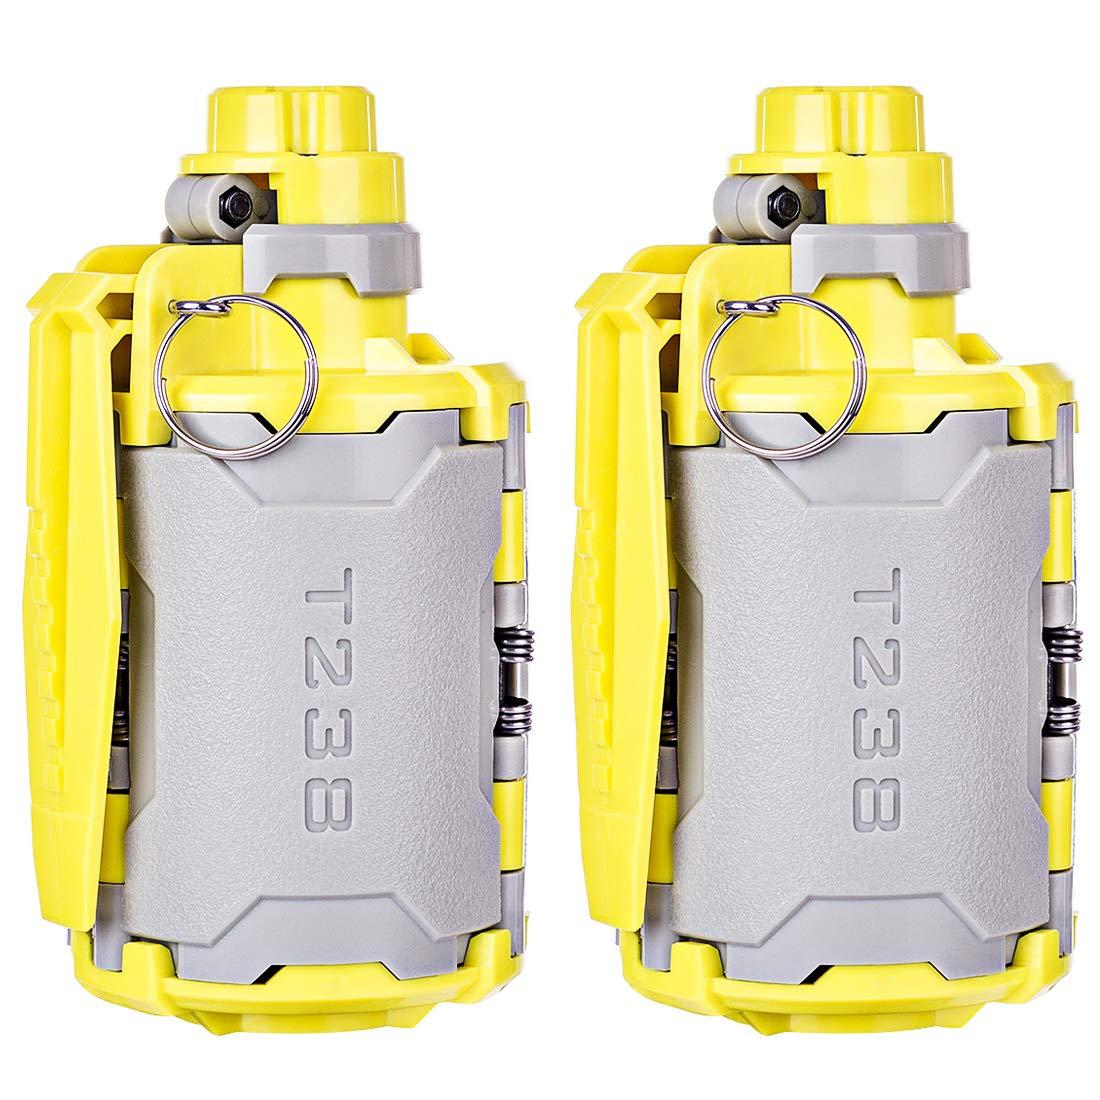 GODNECE T238 V2 HandGrünate für Nerf Grünaten Wasserkugeln Taktisch Wasserbomben Water Bullet Bomb Wasserperlen für Nerf Airsoft CS